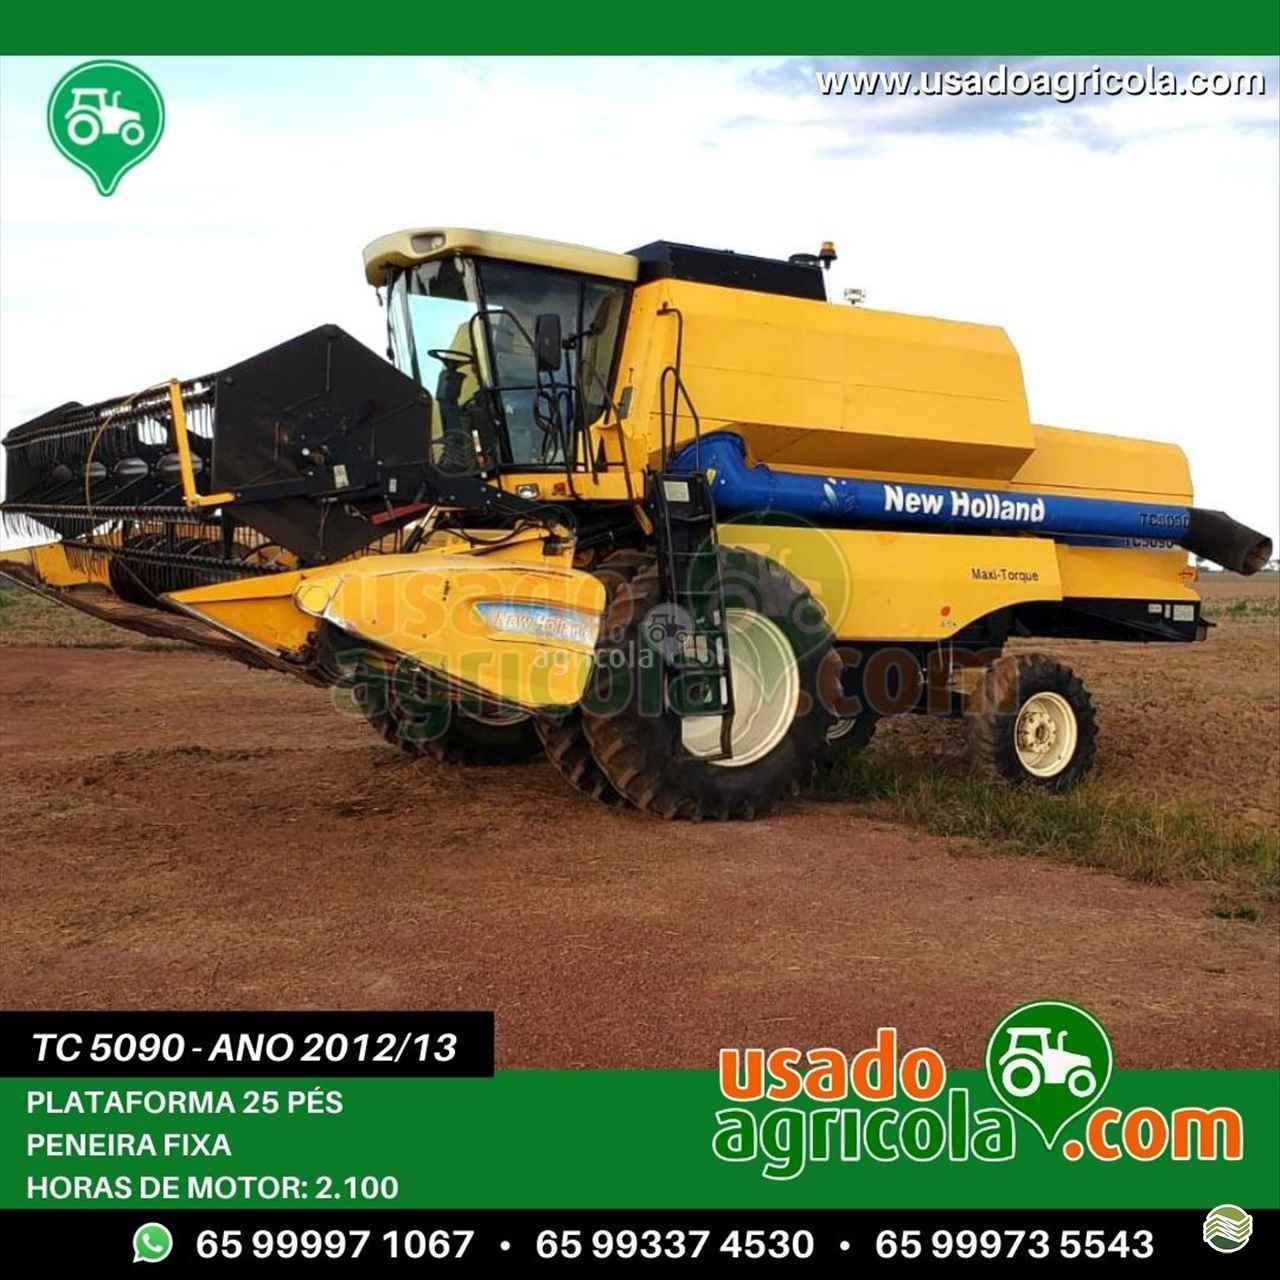 COLHEITADEIRA NEW HOLLAND TC 5090 Usado Agrícola LUCAS DO RIO VERDE MATO GROSSO MT